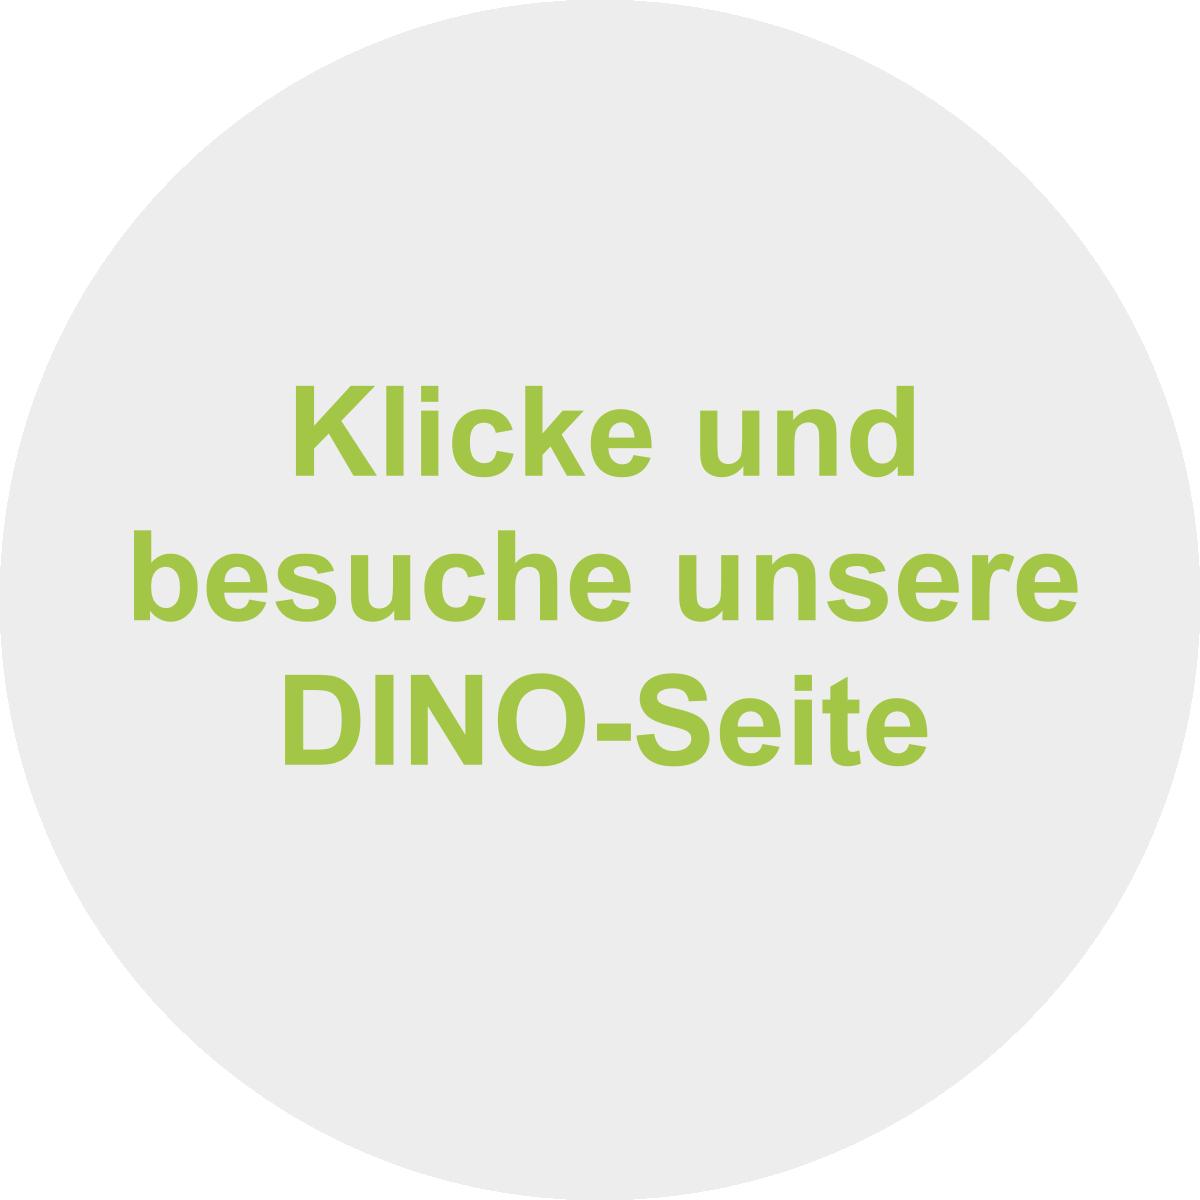 Button - Klicke und besuche unsere DINO-Seite